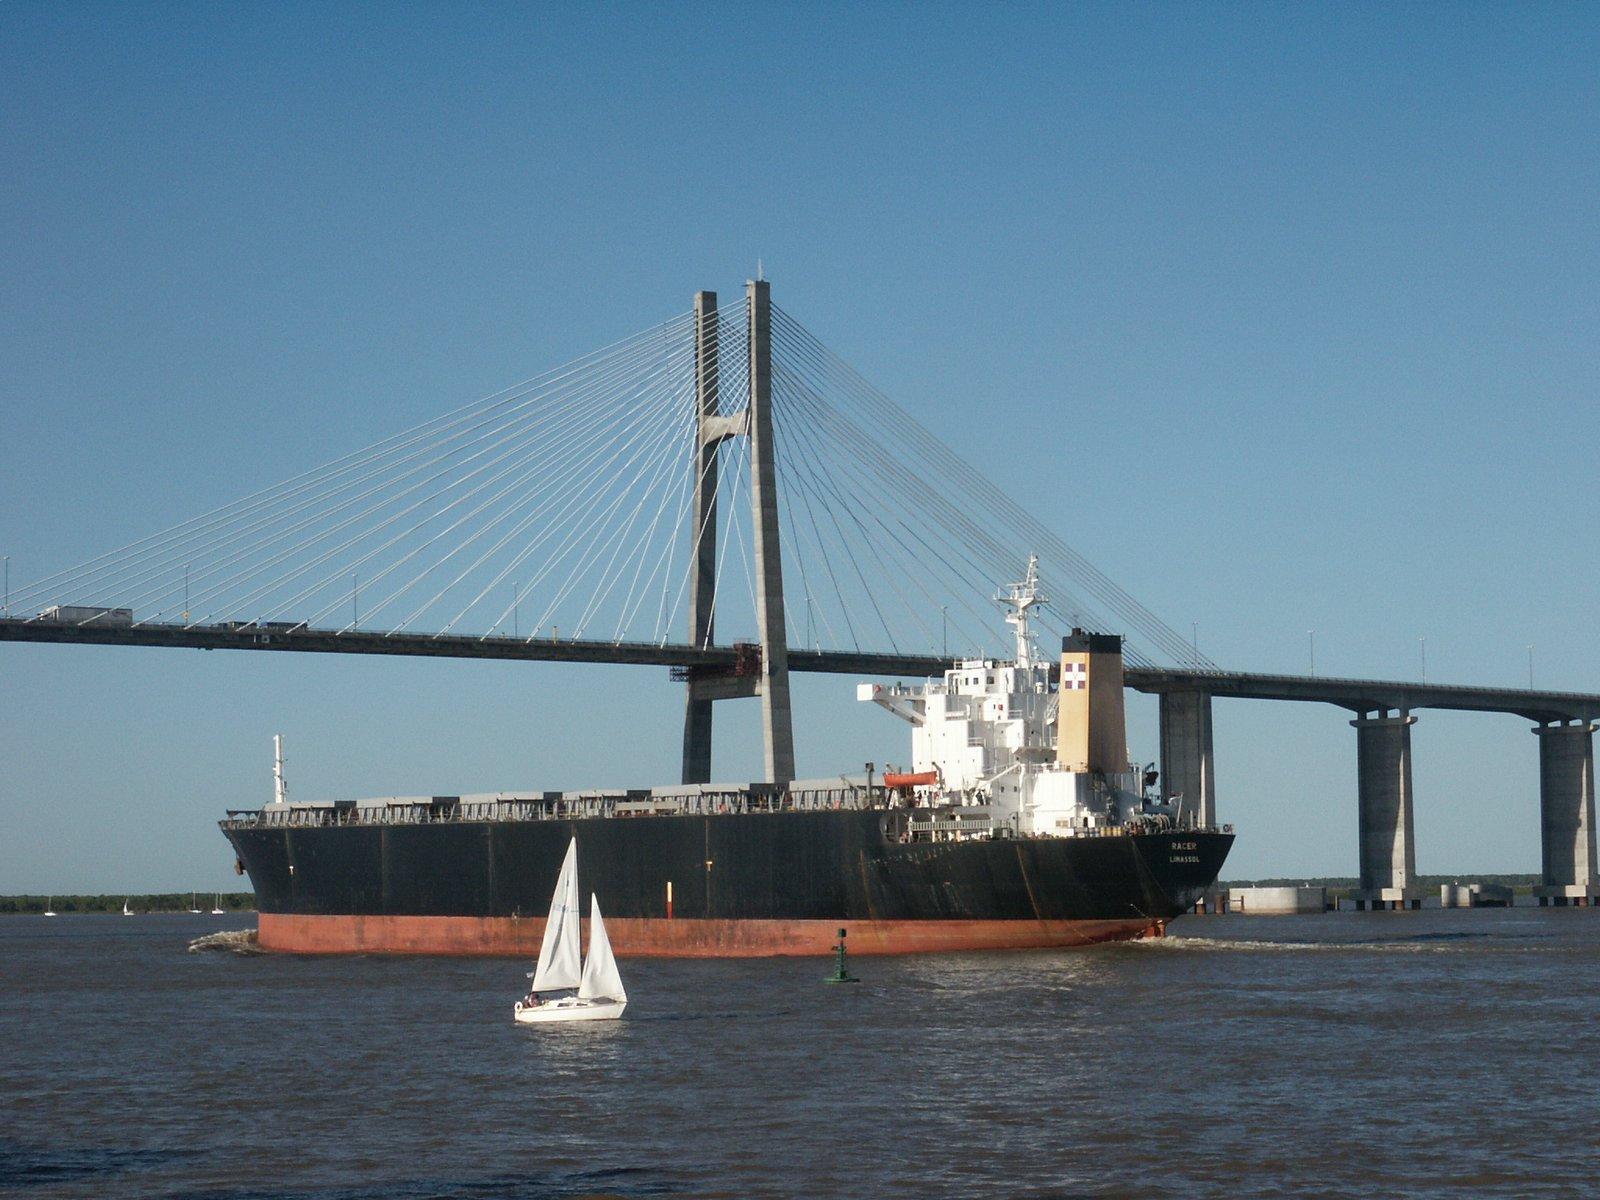 La importancia del transporte en la economía del país (Antonio Zuidwijk)